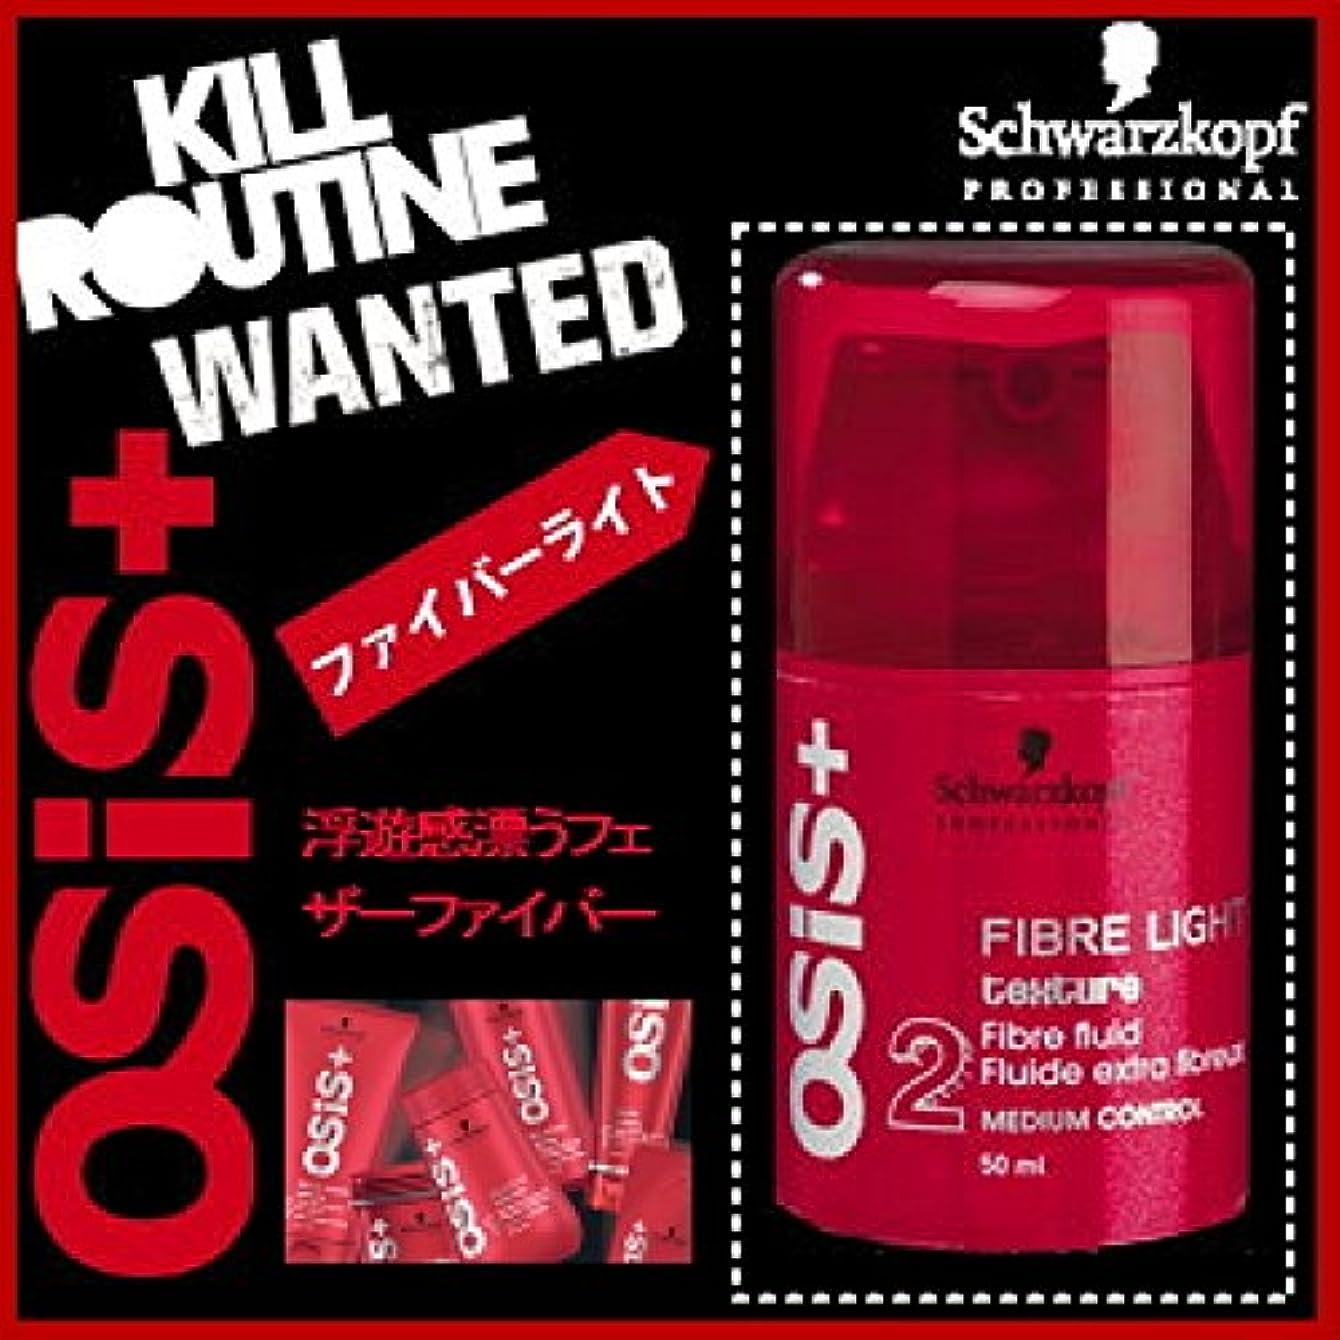 有害移行する逮捕【シュワルツコフ osis+】ファイバーライト(フェザーファイバー)50g